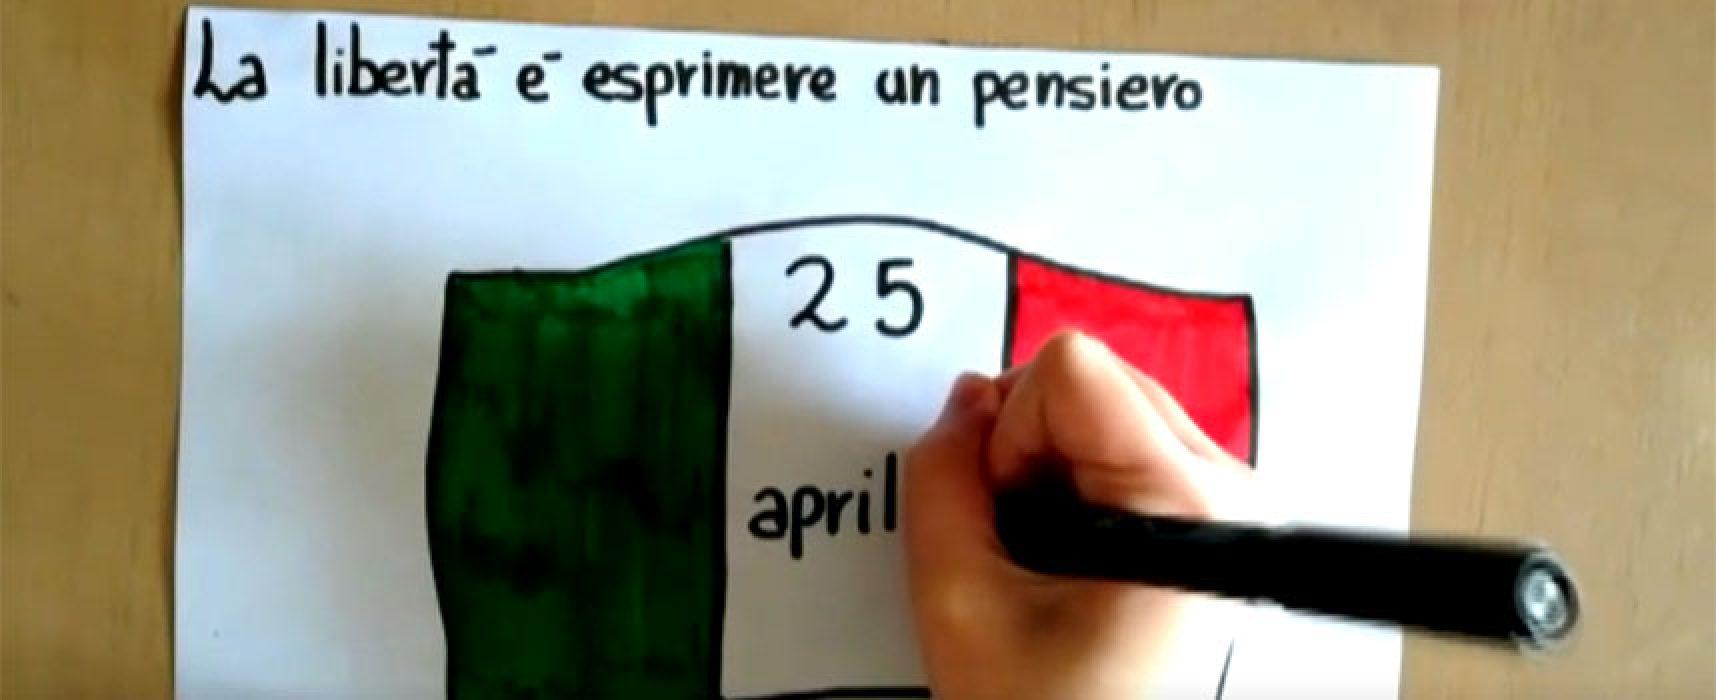 Anniversario Liberazione, Sindaco Angarano invia VIDEO a studenti scuole elementari e medie